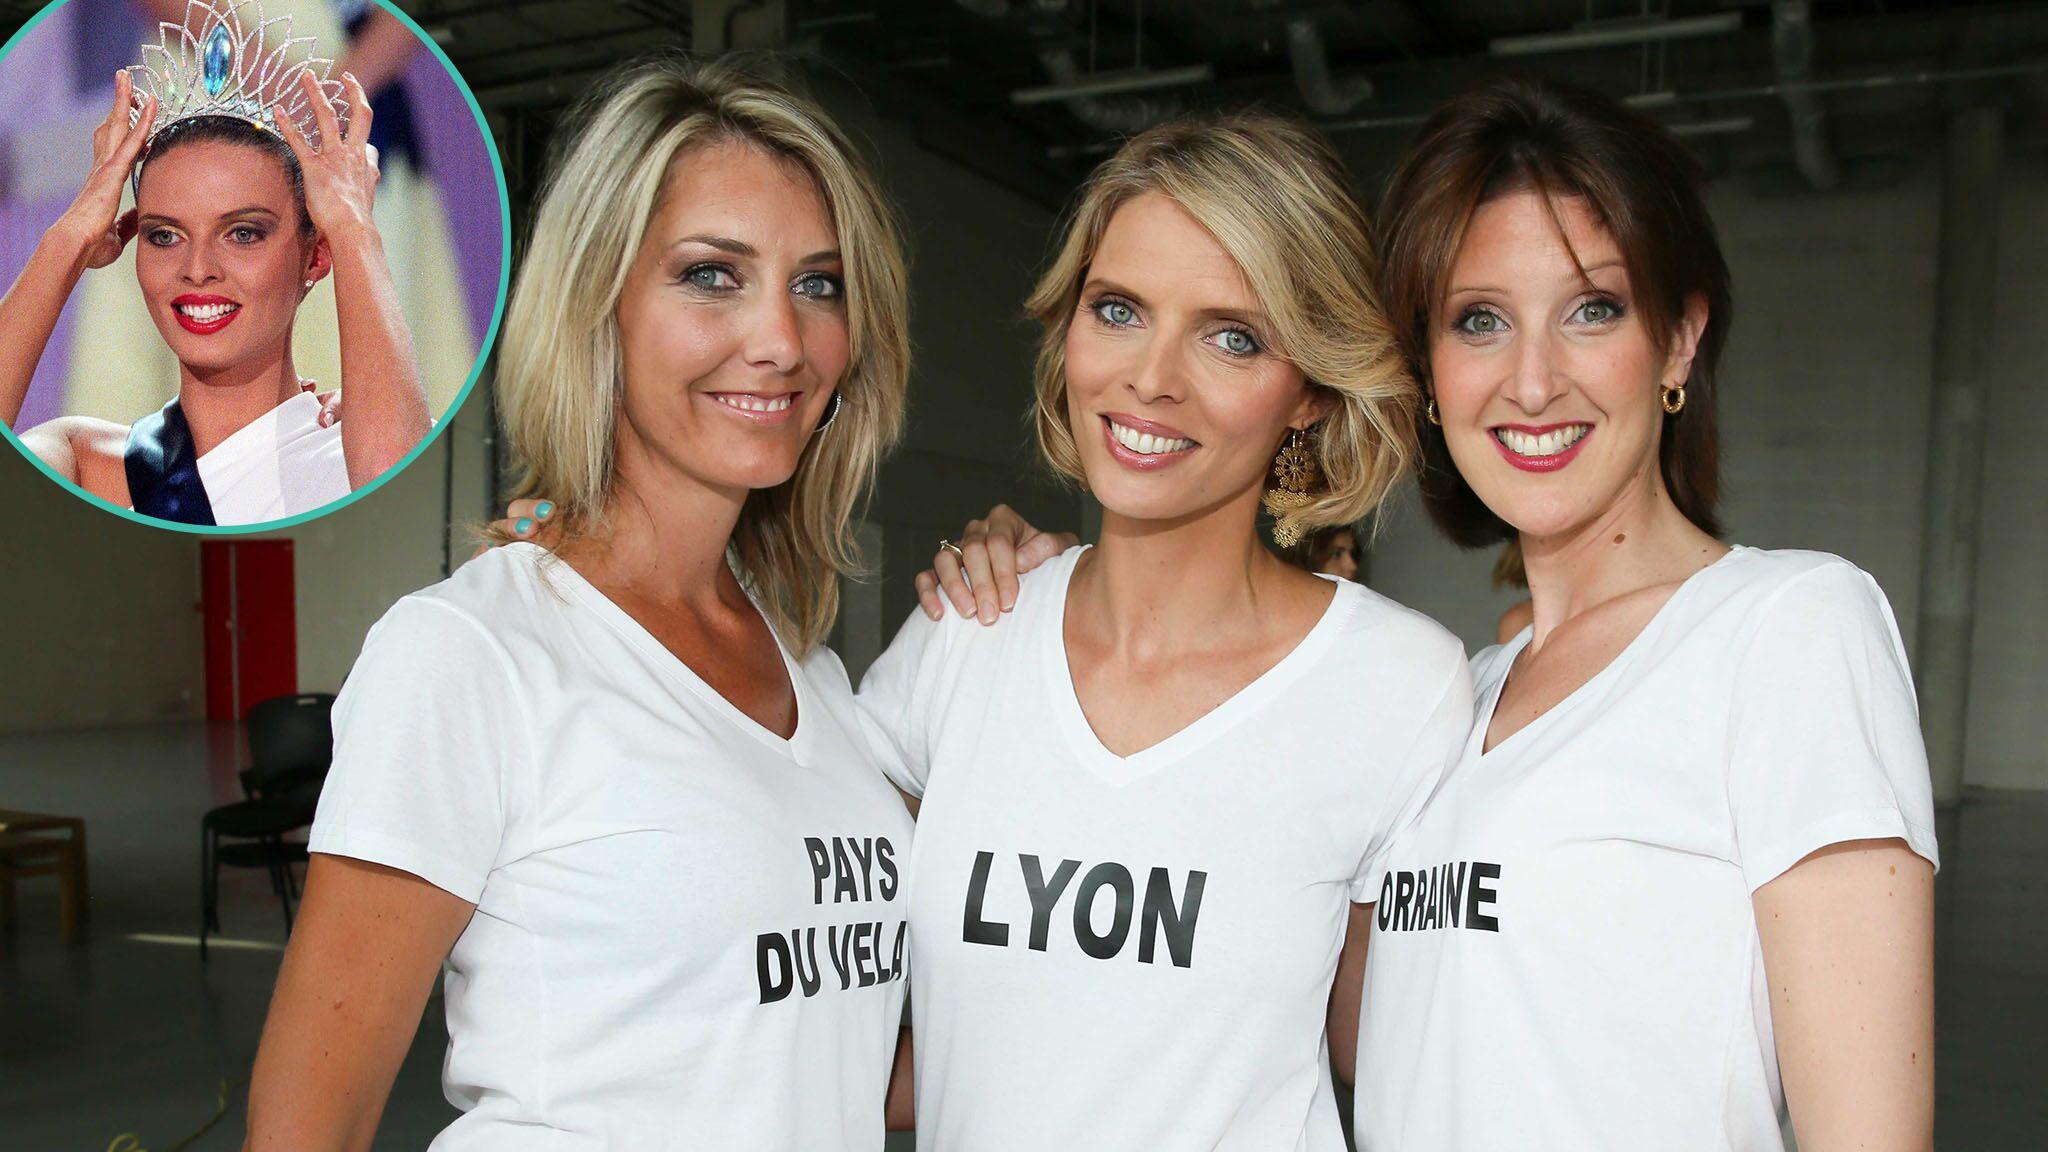 Photos Sylvie Tellier Reunit Les Miss De 2001 Pour Feter Les 15 Ans De Son Sacre A Miss France Voici